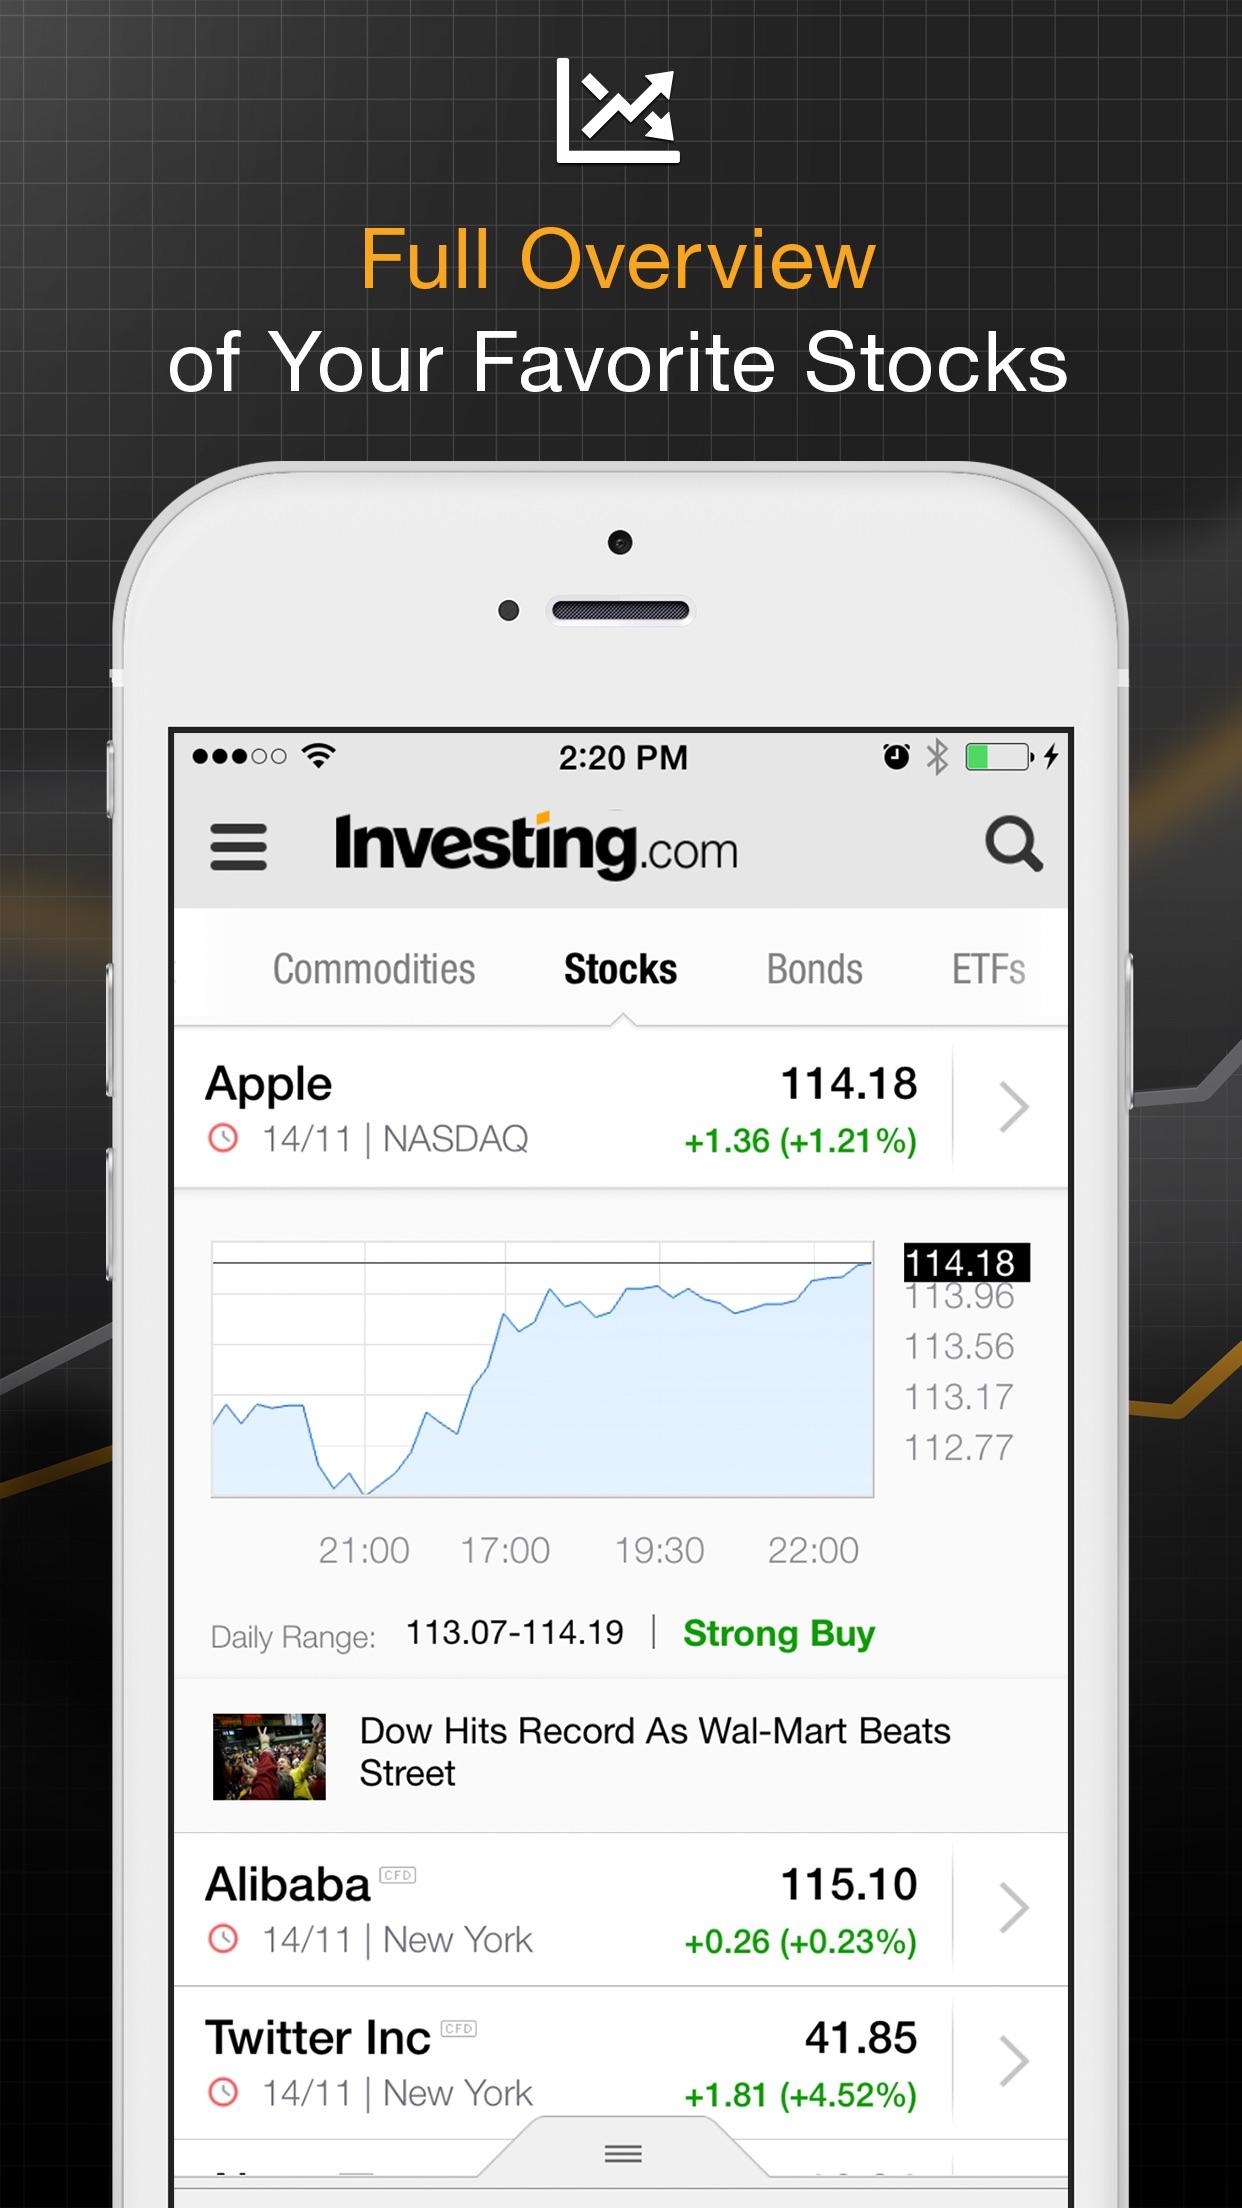 Investing.com Screenshot